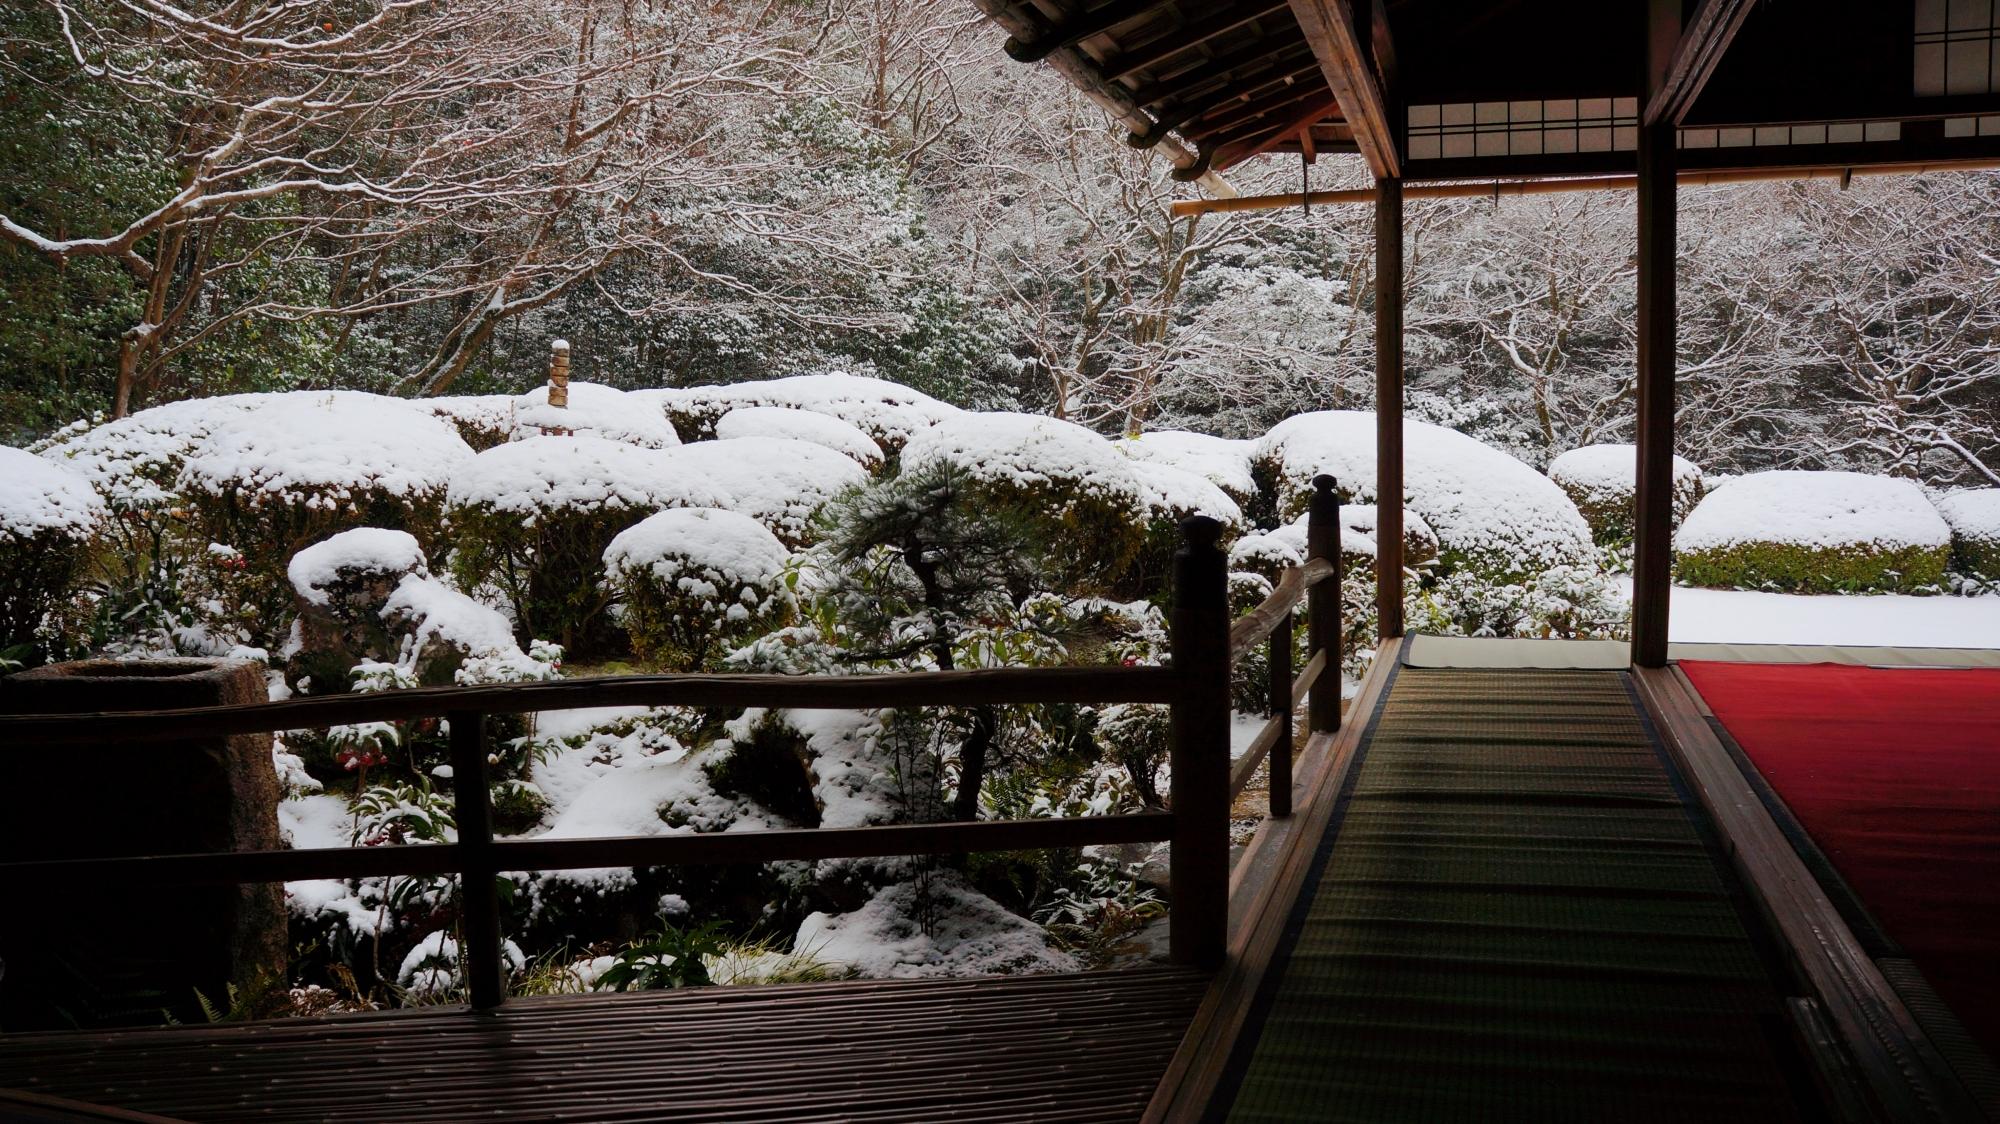 情緒ある雪の庭園と建物